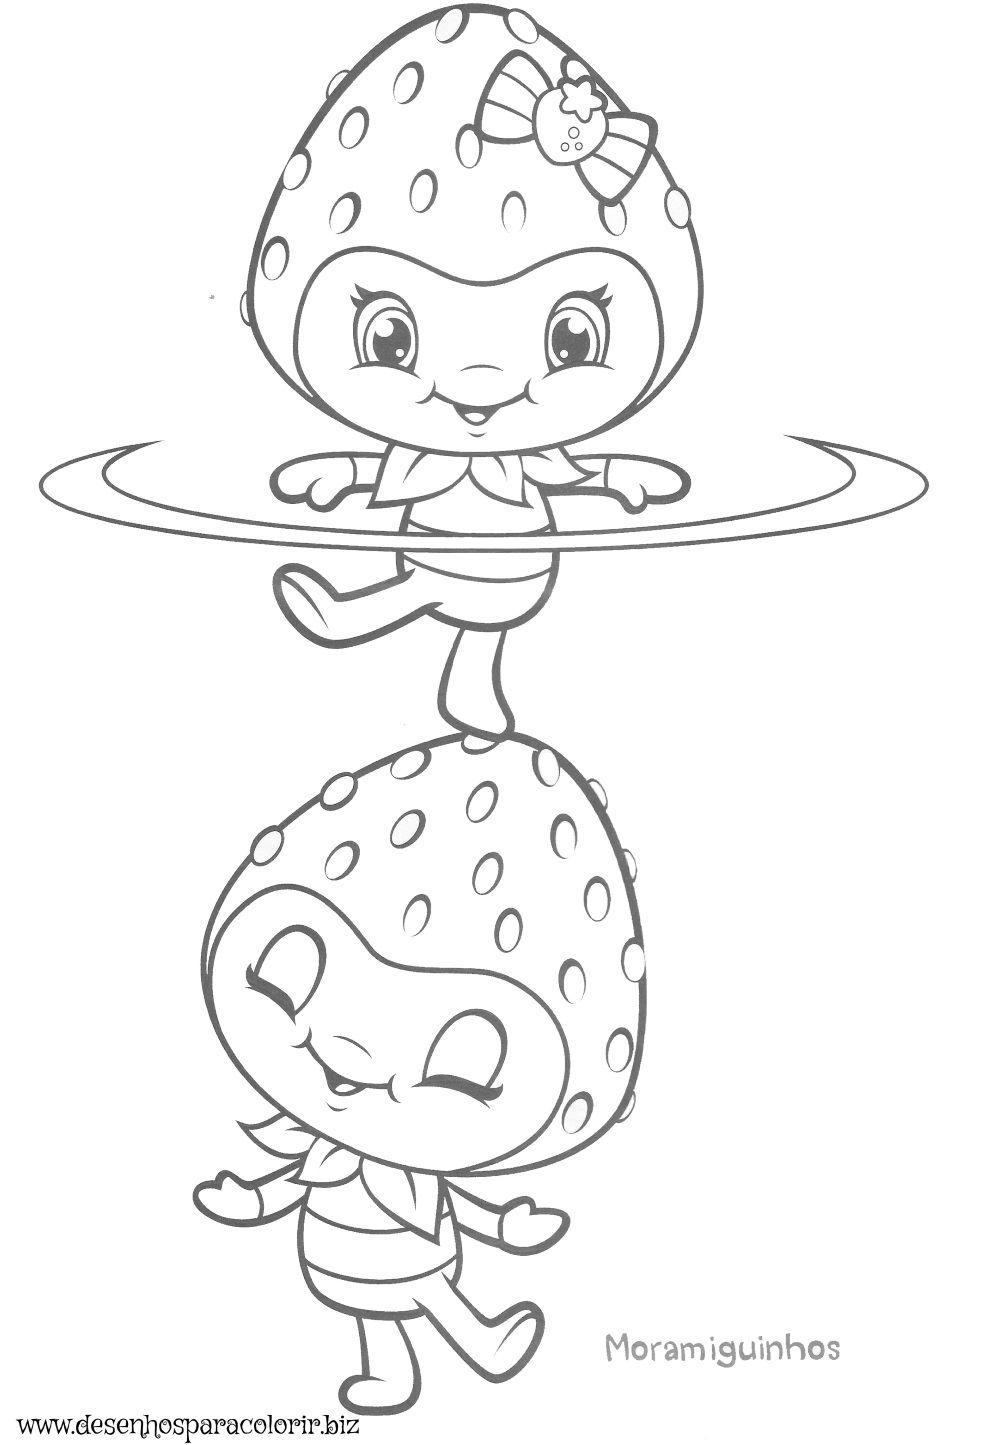 Aqui no site temos vários desenhos da Moranguinho para colorir ...